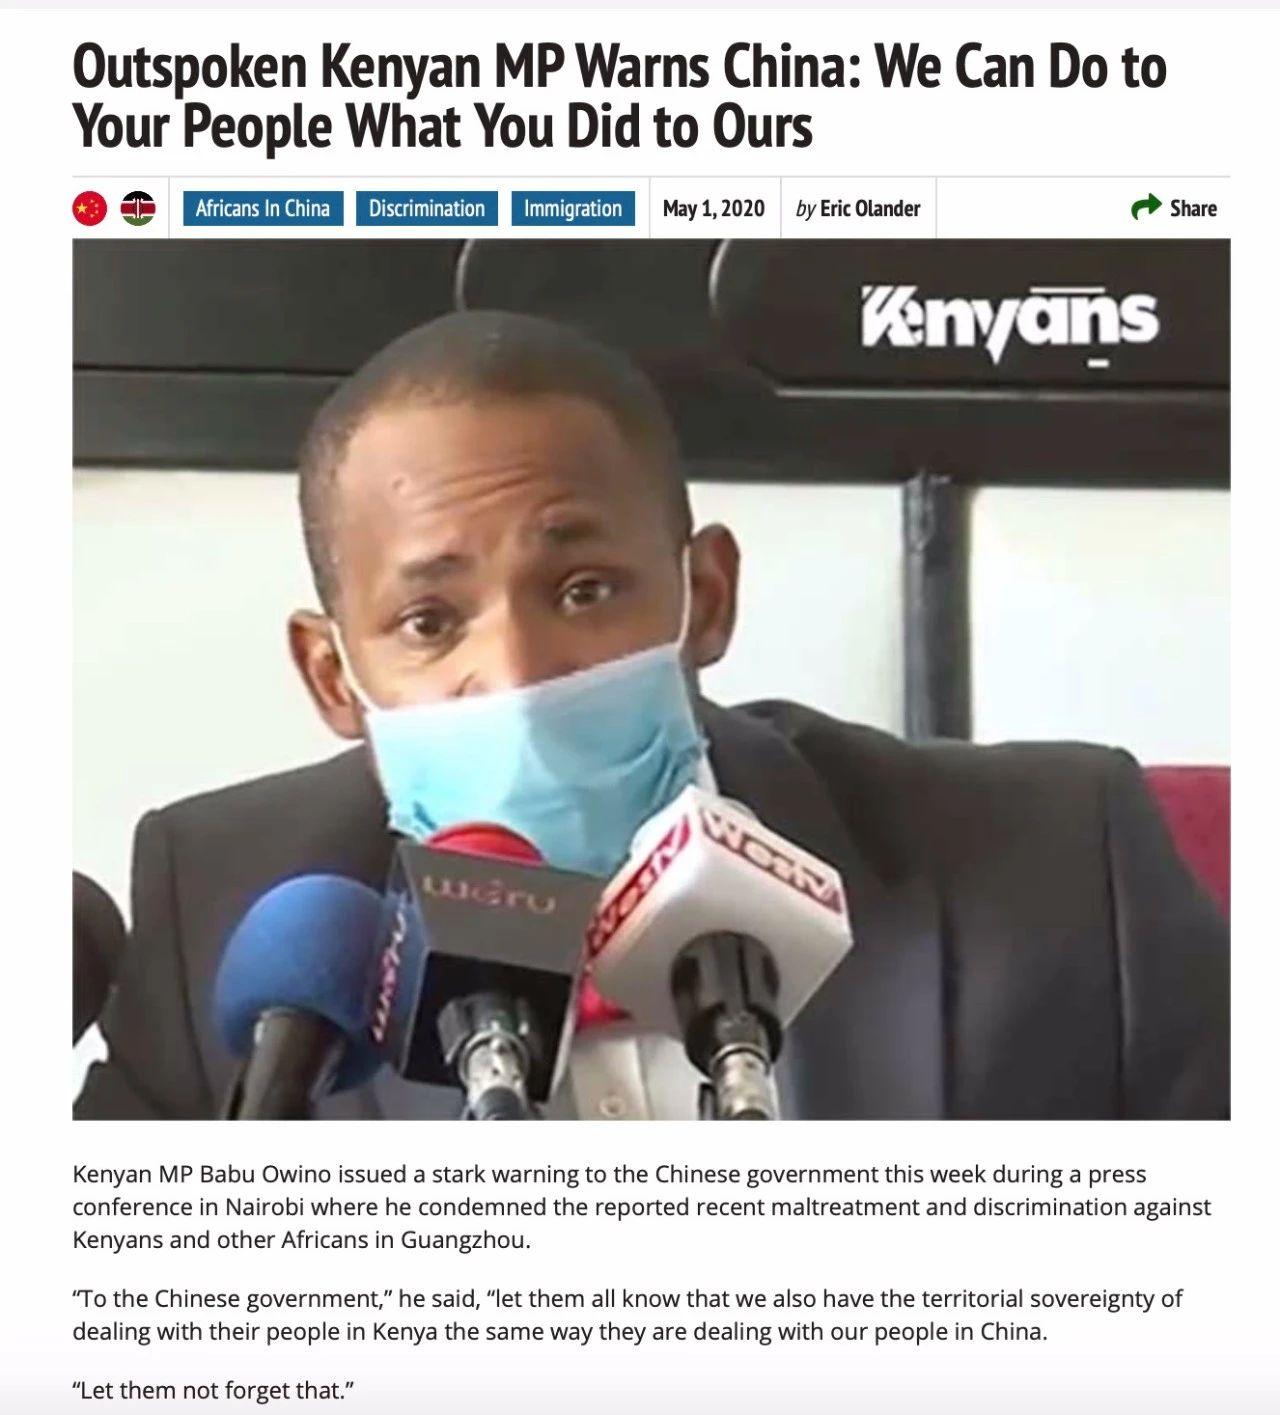 因为反对歧视非裔/非洲人,我们被网暴了